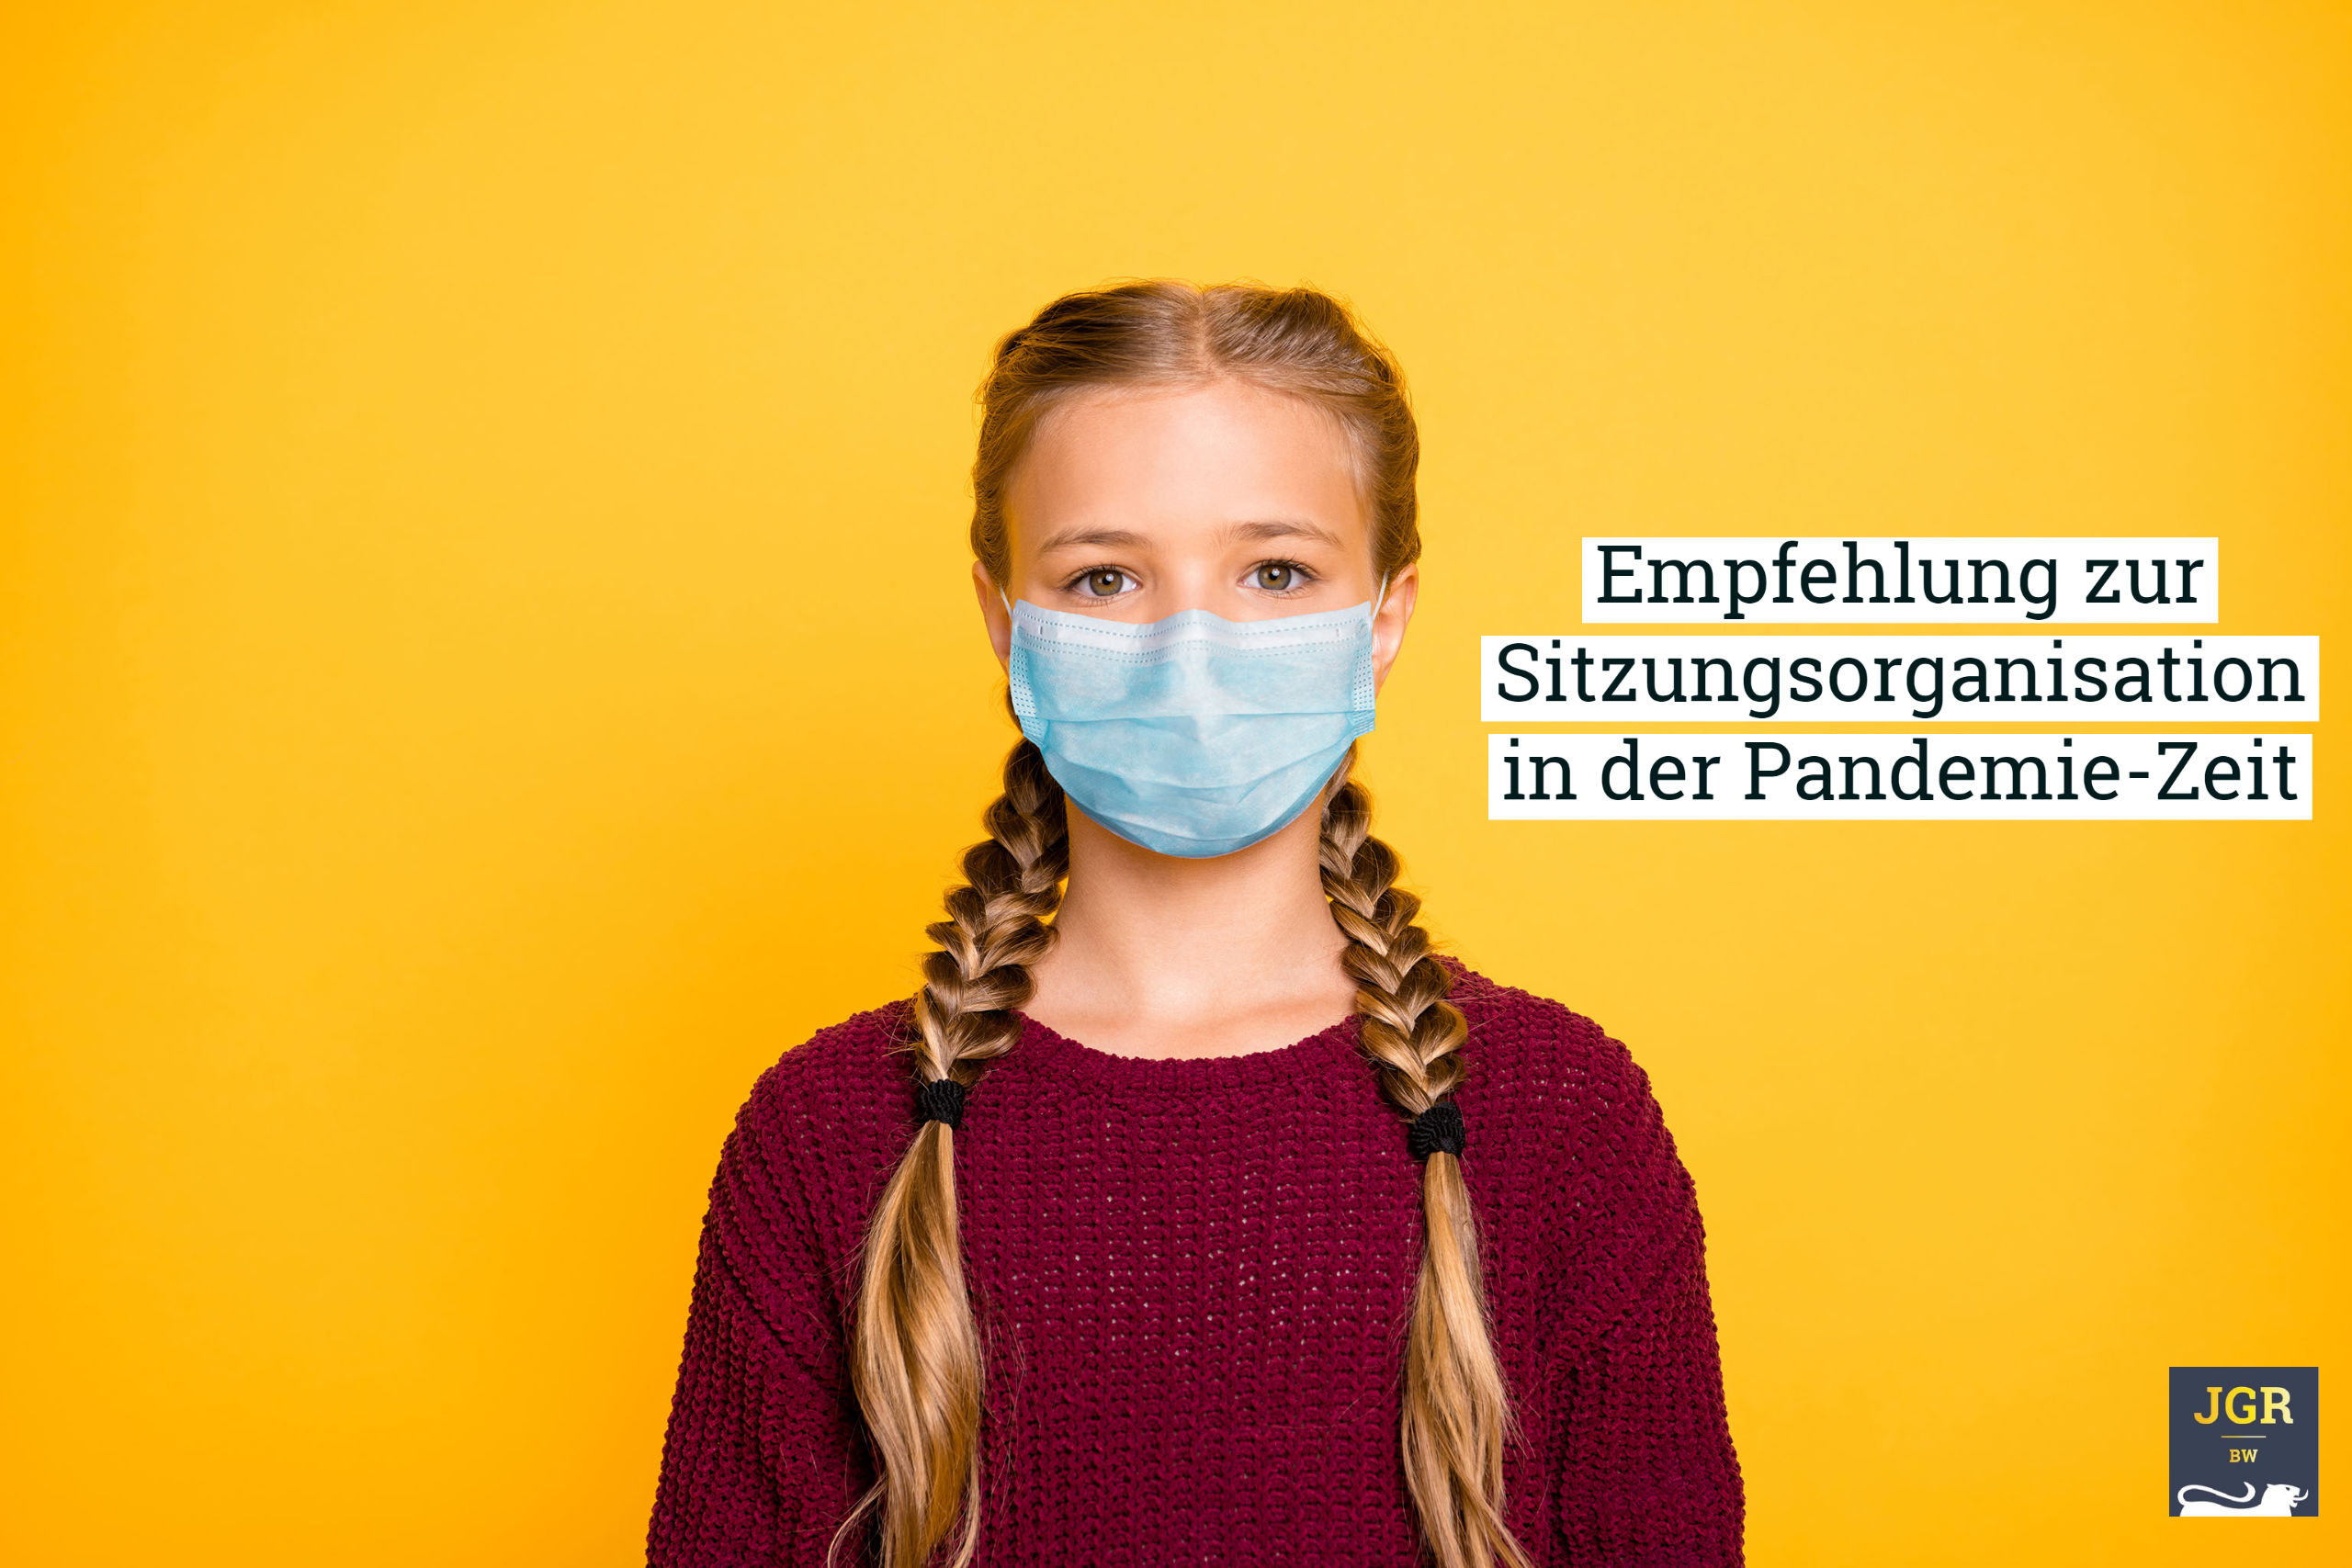 You are currently viewing Empfehlung zur Sitzungsorganisation in der Pandemie-Zeit